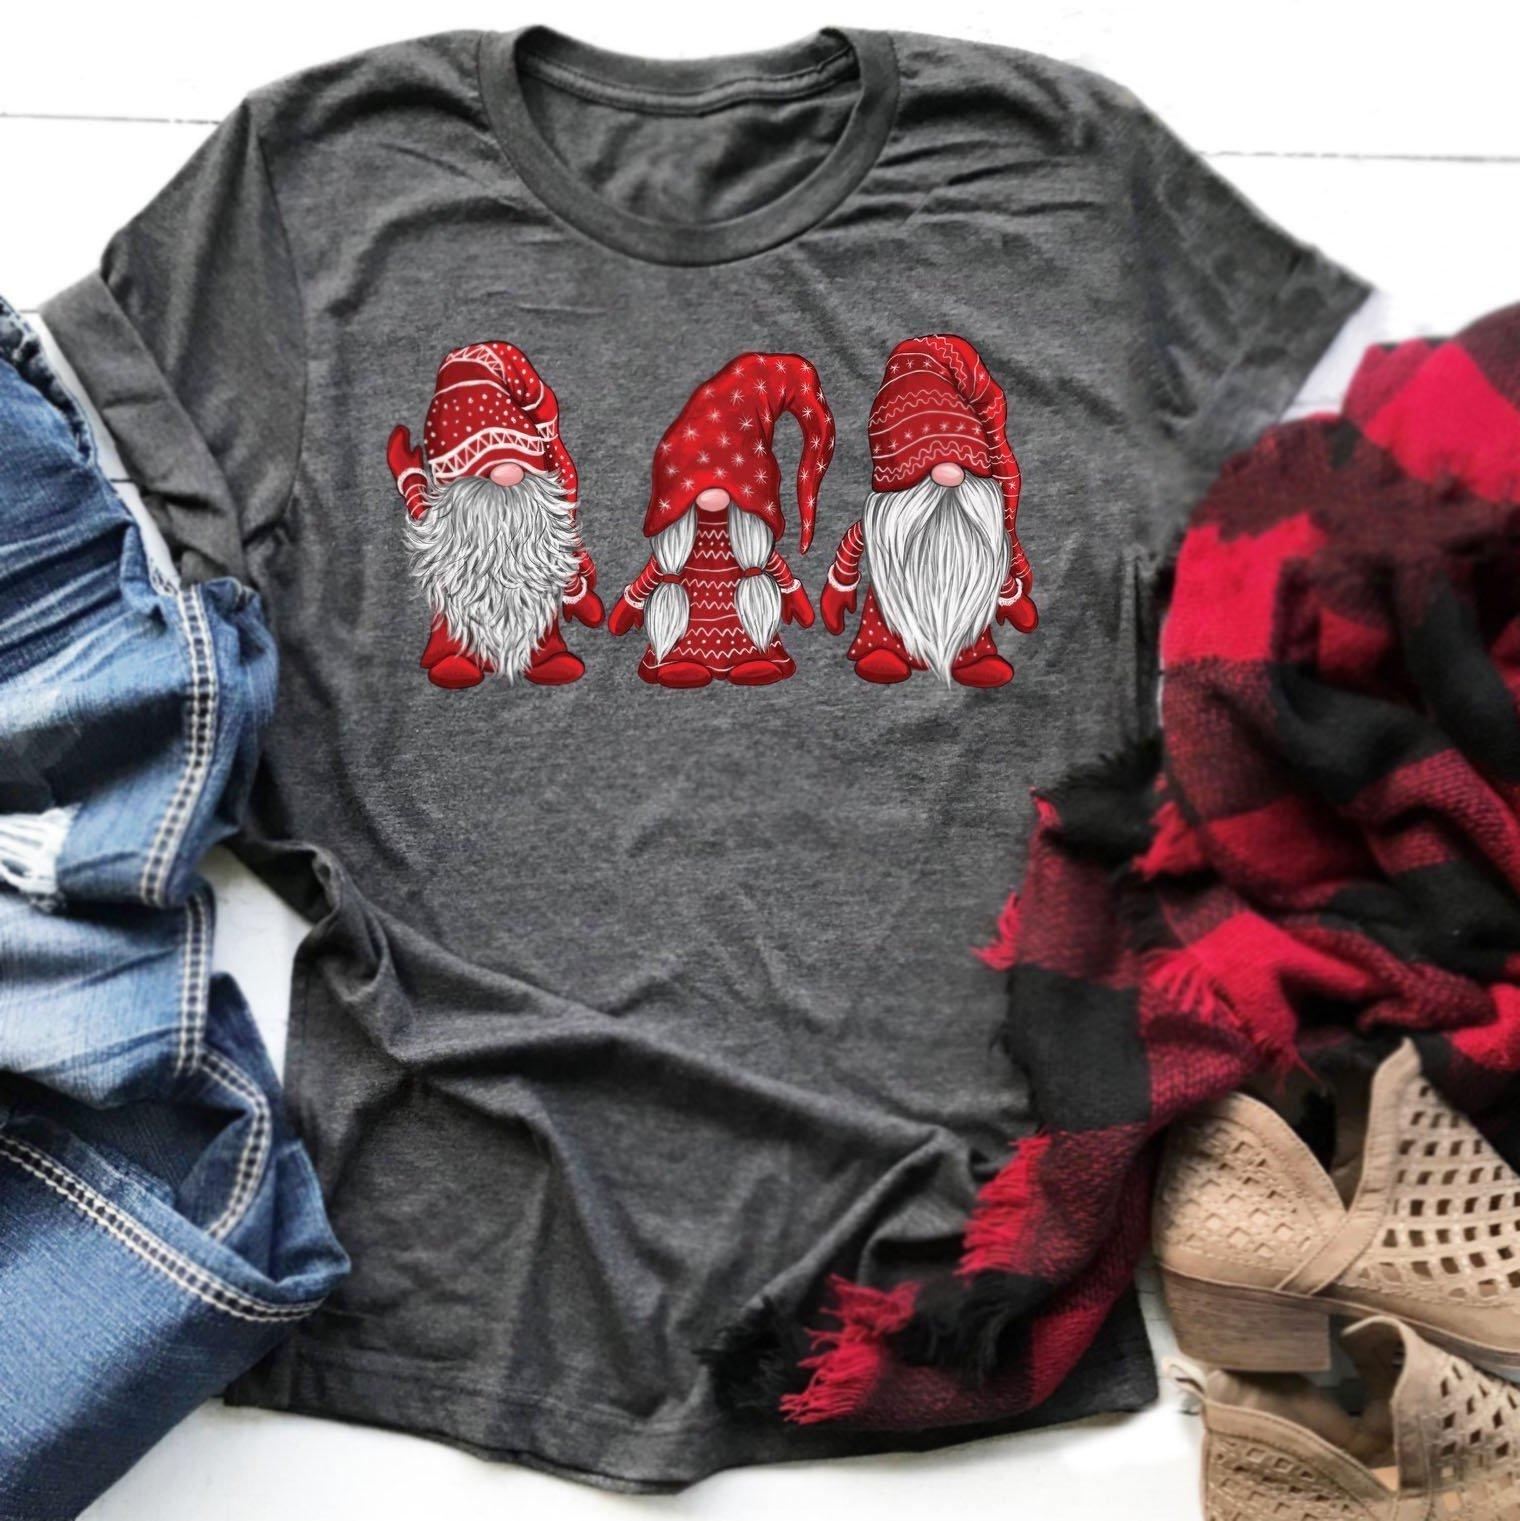 Christmas Gnomes T-Shirt